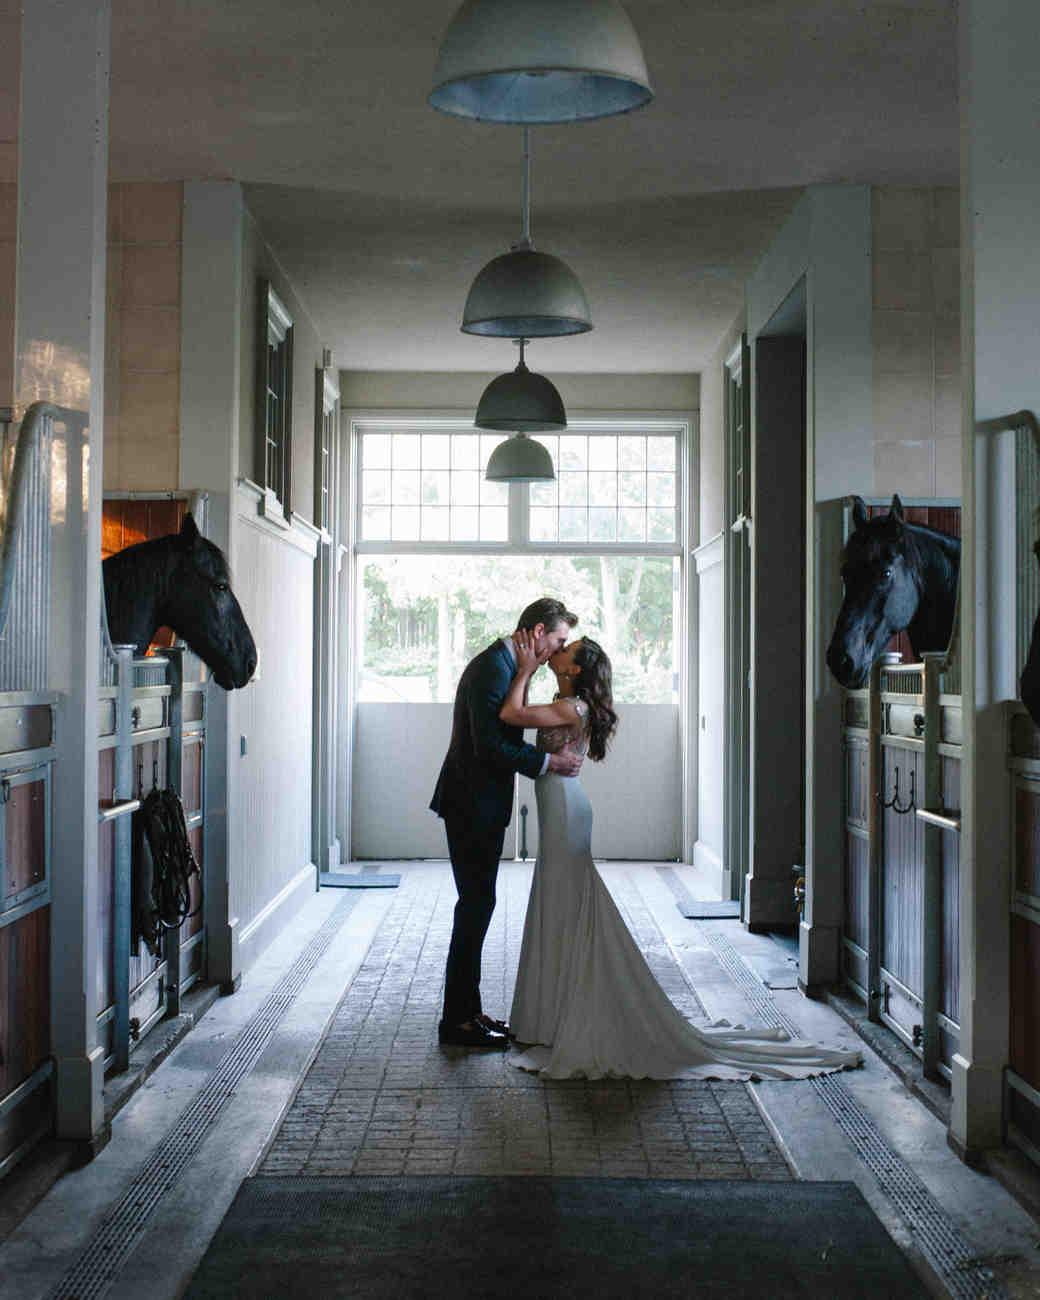 kristina-barrett-wedding-martha-farm-6442-cjl-d112491.jpg